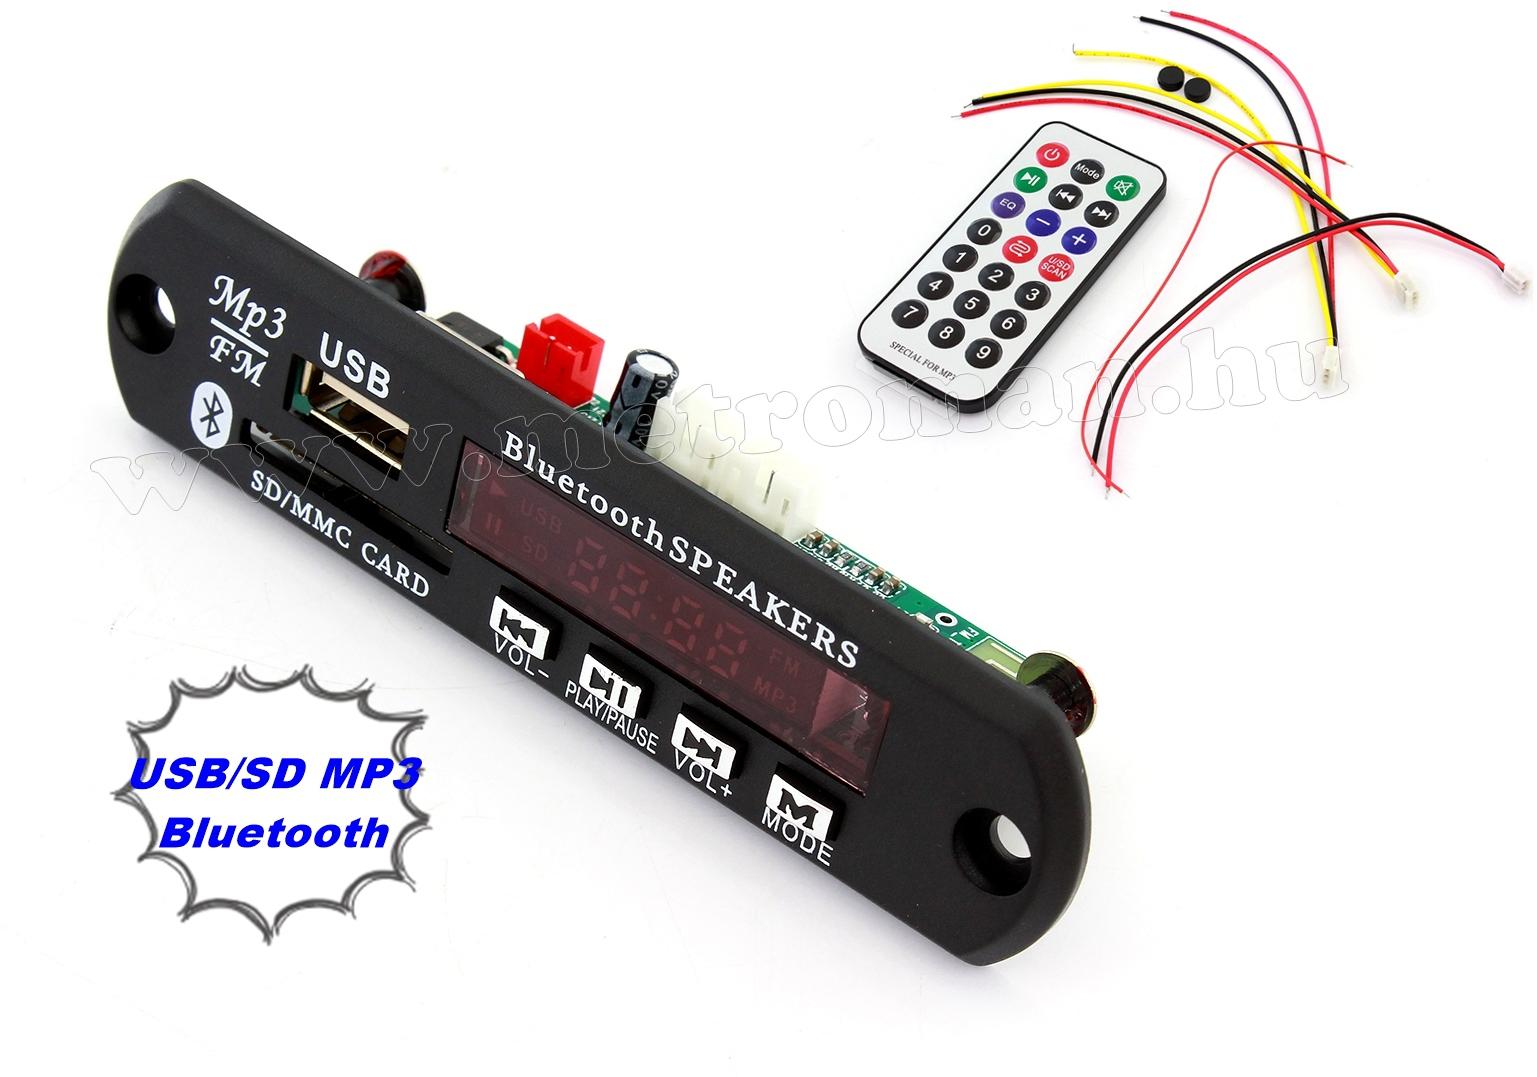 Beépíthető USB/SD és Bluetooth MP3 modul Mlogic MMS6